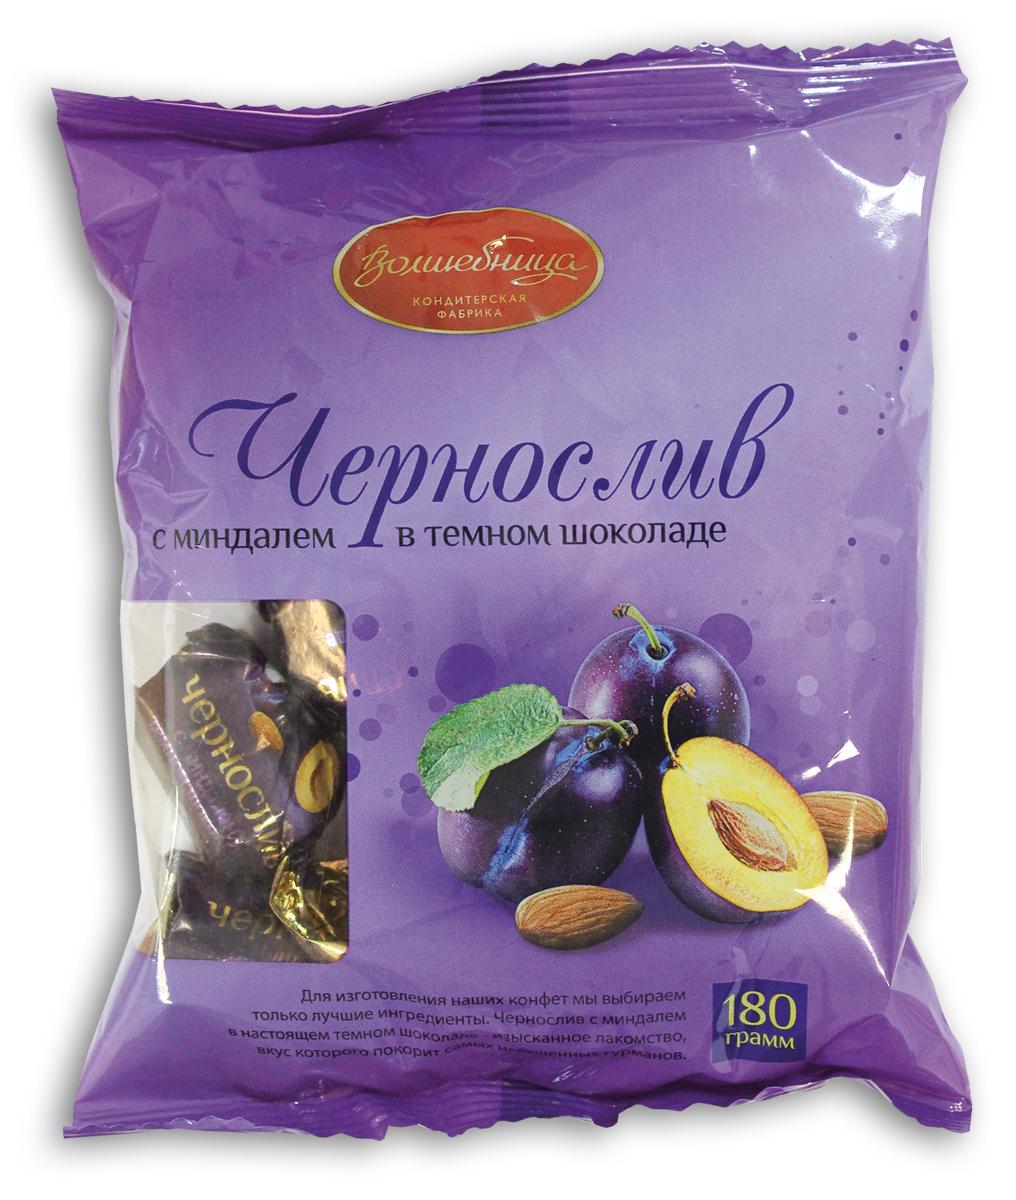 Волшебница конфеты чернослив с миндалем в шоколаде, 180 г волшебница волшебная белочка шоколад 80 г